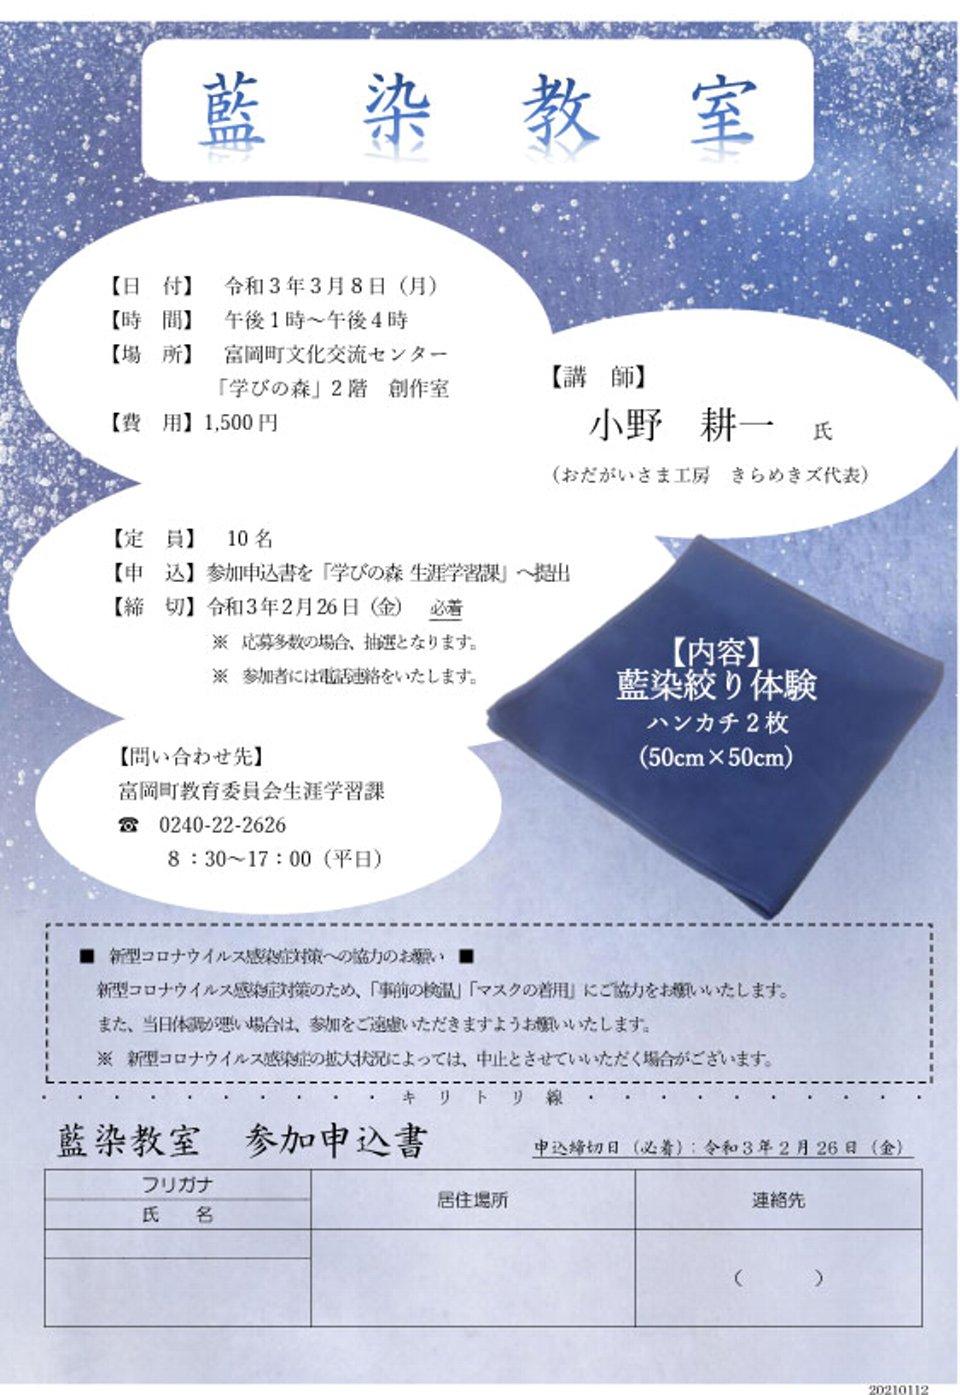 【富岡町】藍染め教室 @ 富岡町文化交流センター「学びの森」2階 創作室